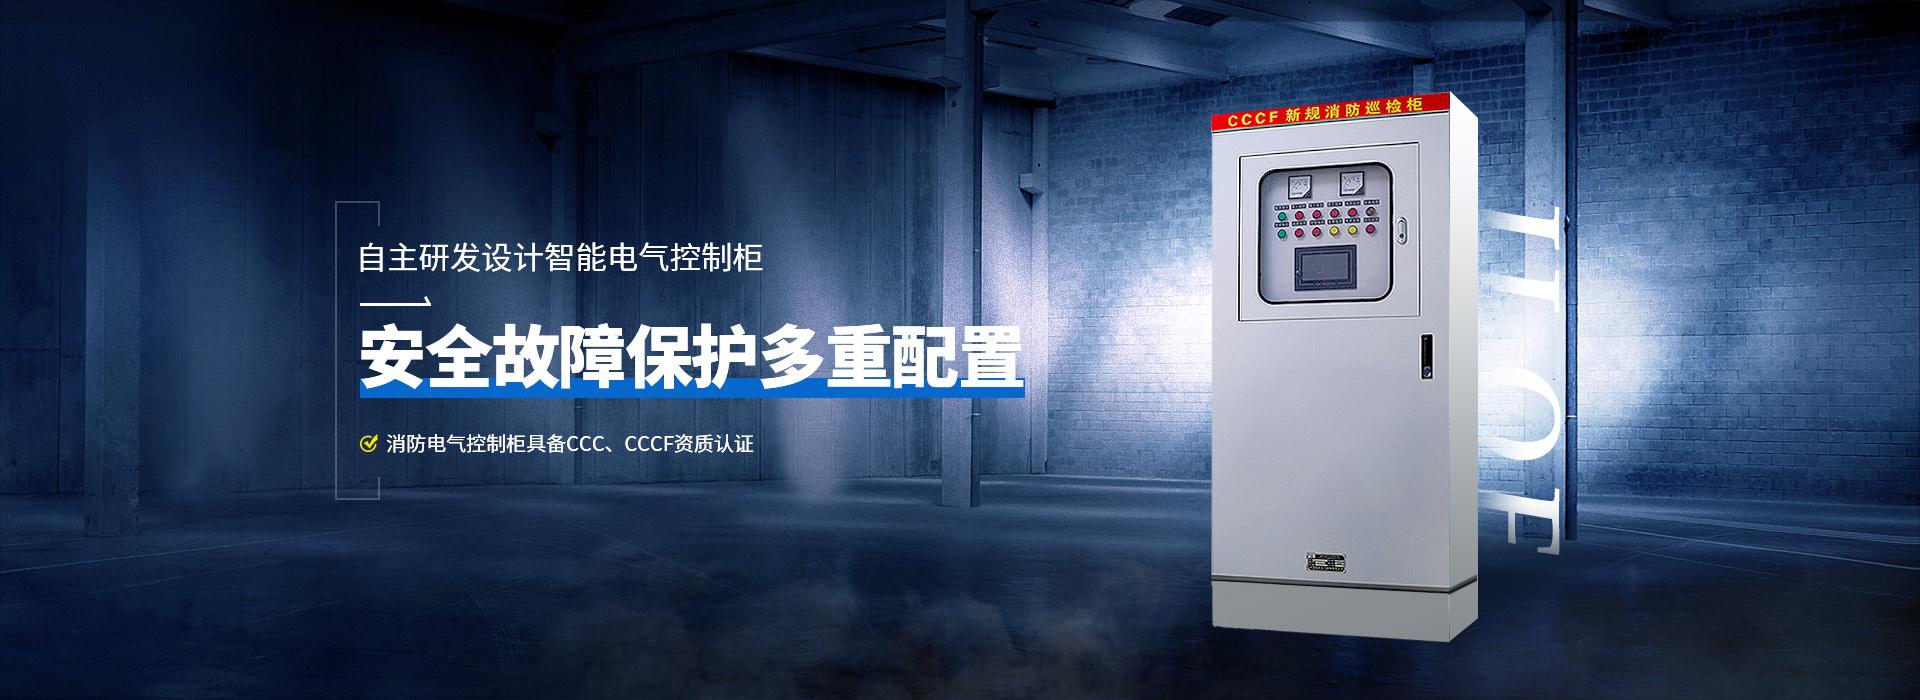 金陵奇峰提供消防电器柜包验收承诺